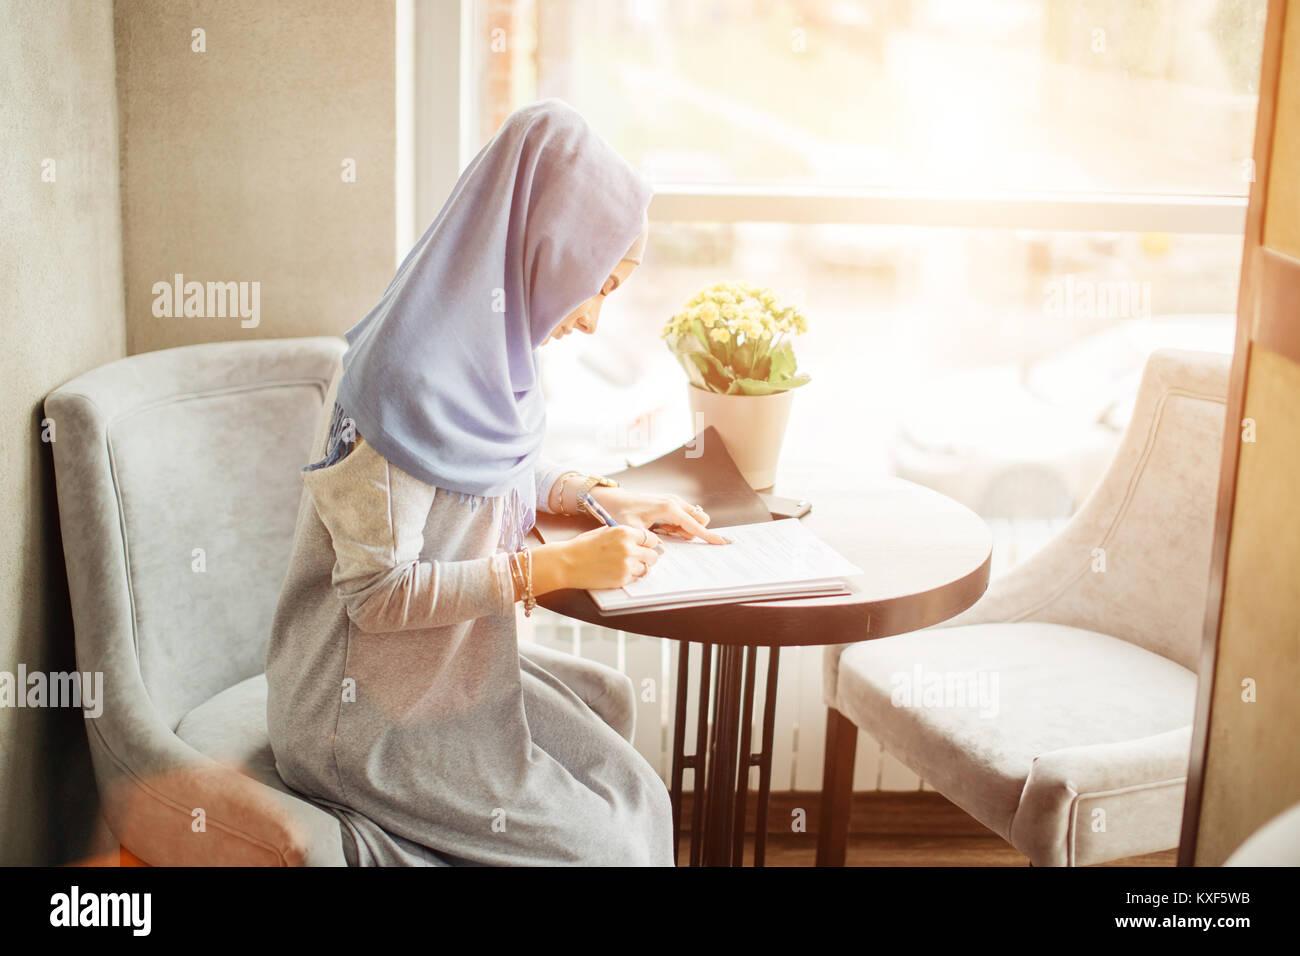 Musulmani donna business documenti di lavoro in cafe Immagini Stock